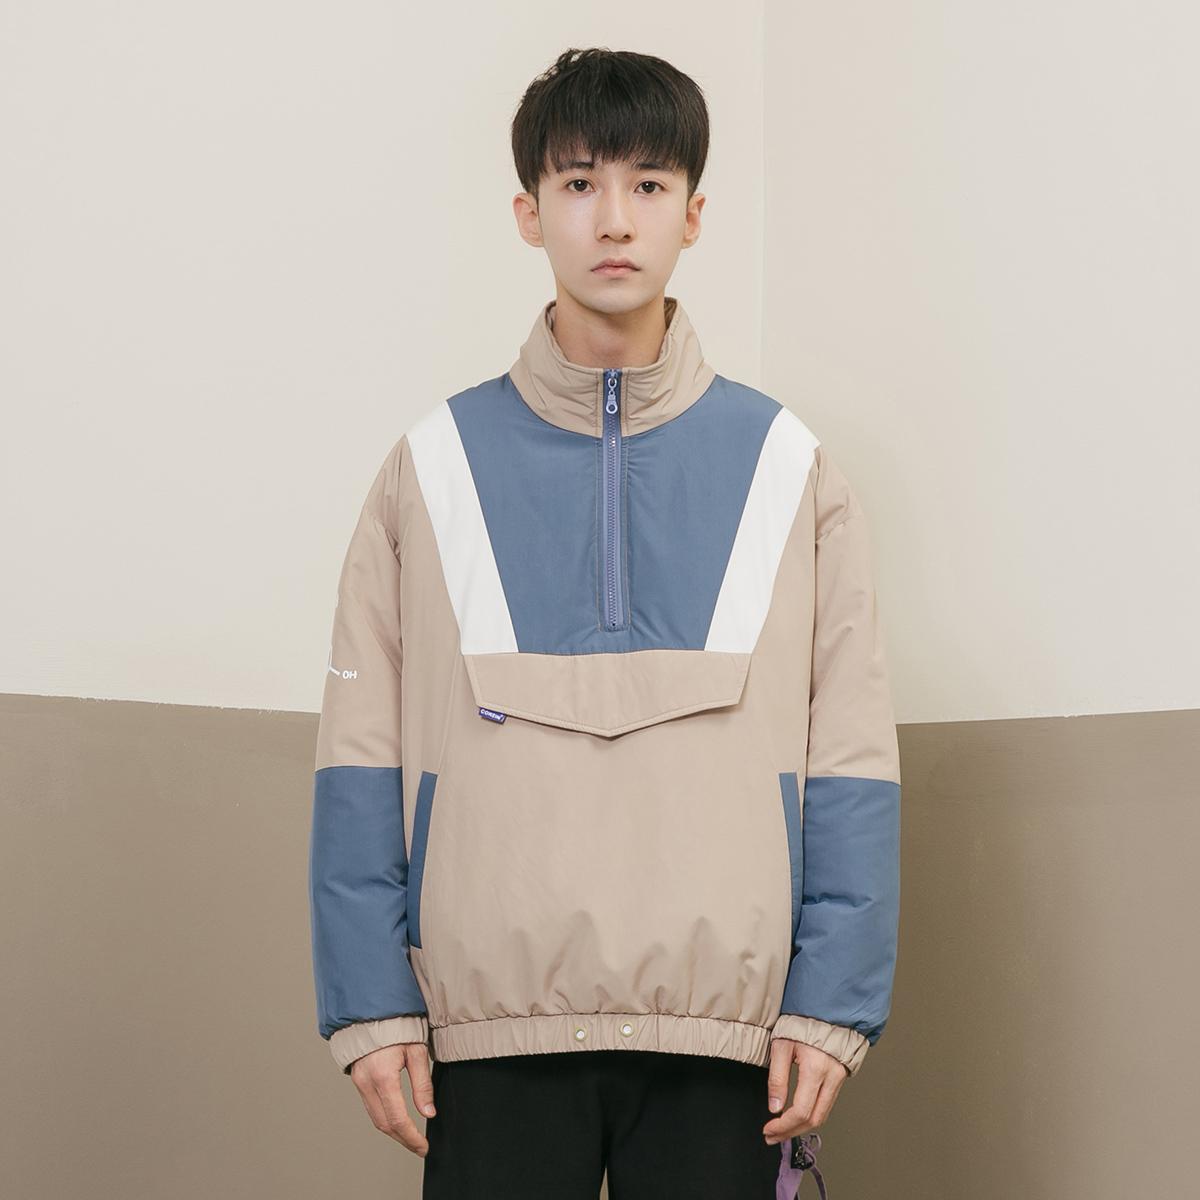 Áo khoác trẻ trung COKEIN mùa đông 2019 áo khoác cotton mới phiên bản Hàn Quốc của xu hướng màu sắc áo khoác ngắn được may bằng vải bông - Bông